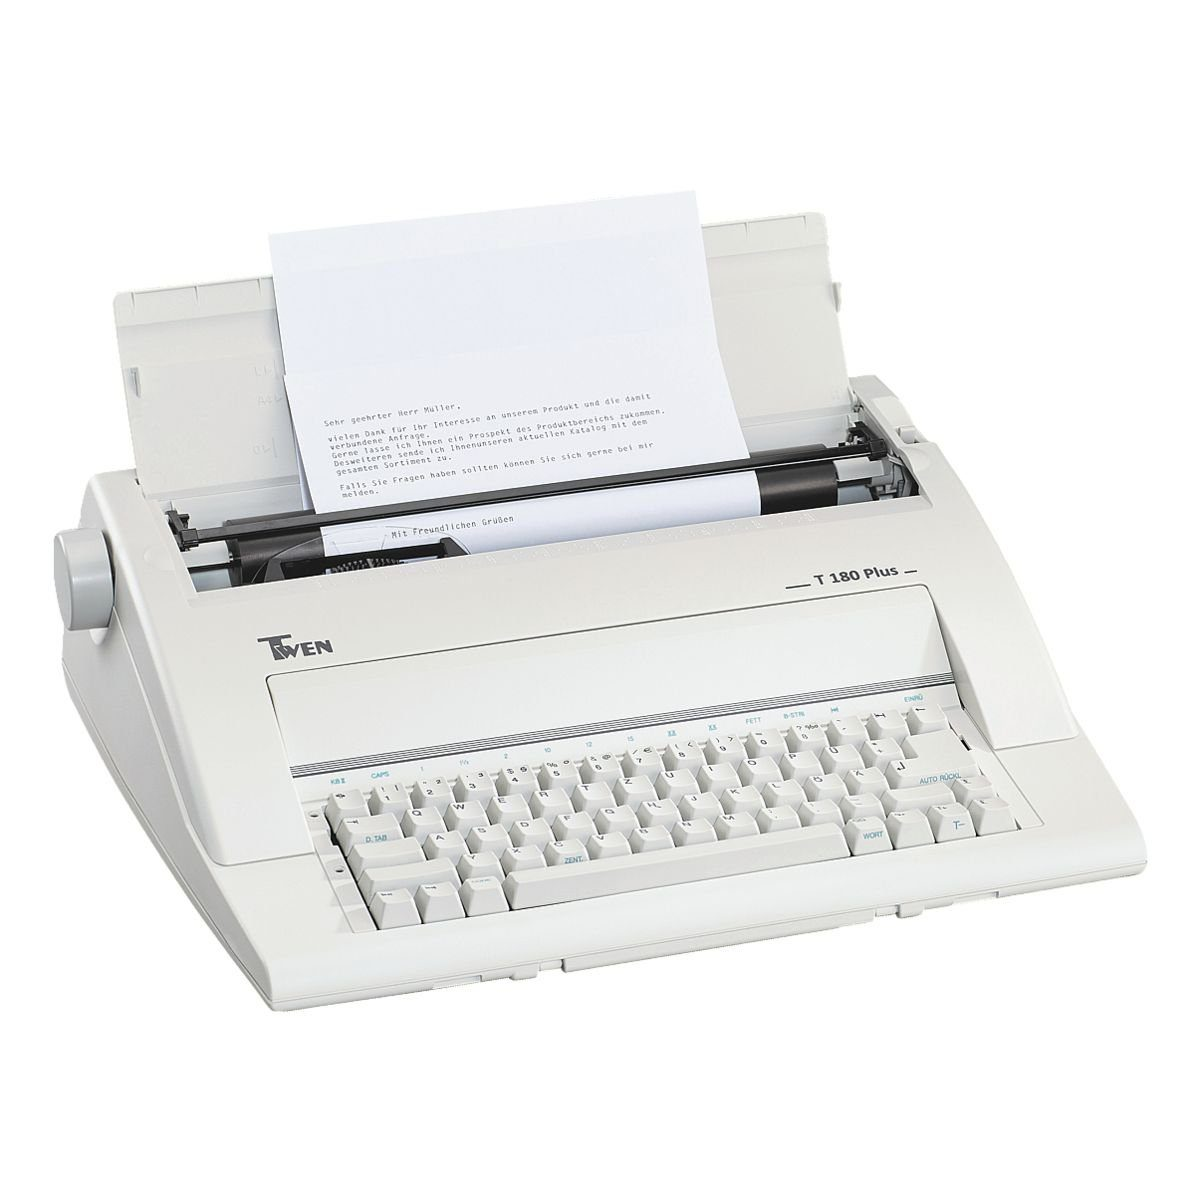 Triumph Adler Twen Elektronische Schreibmaschine »Twen 180 plus«